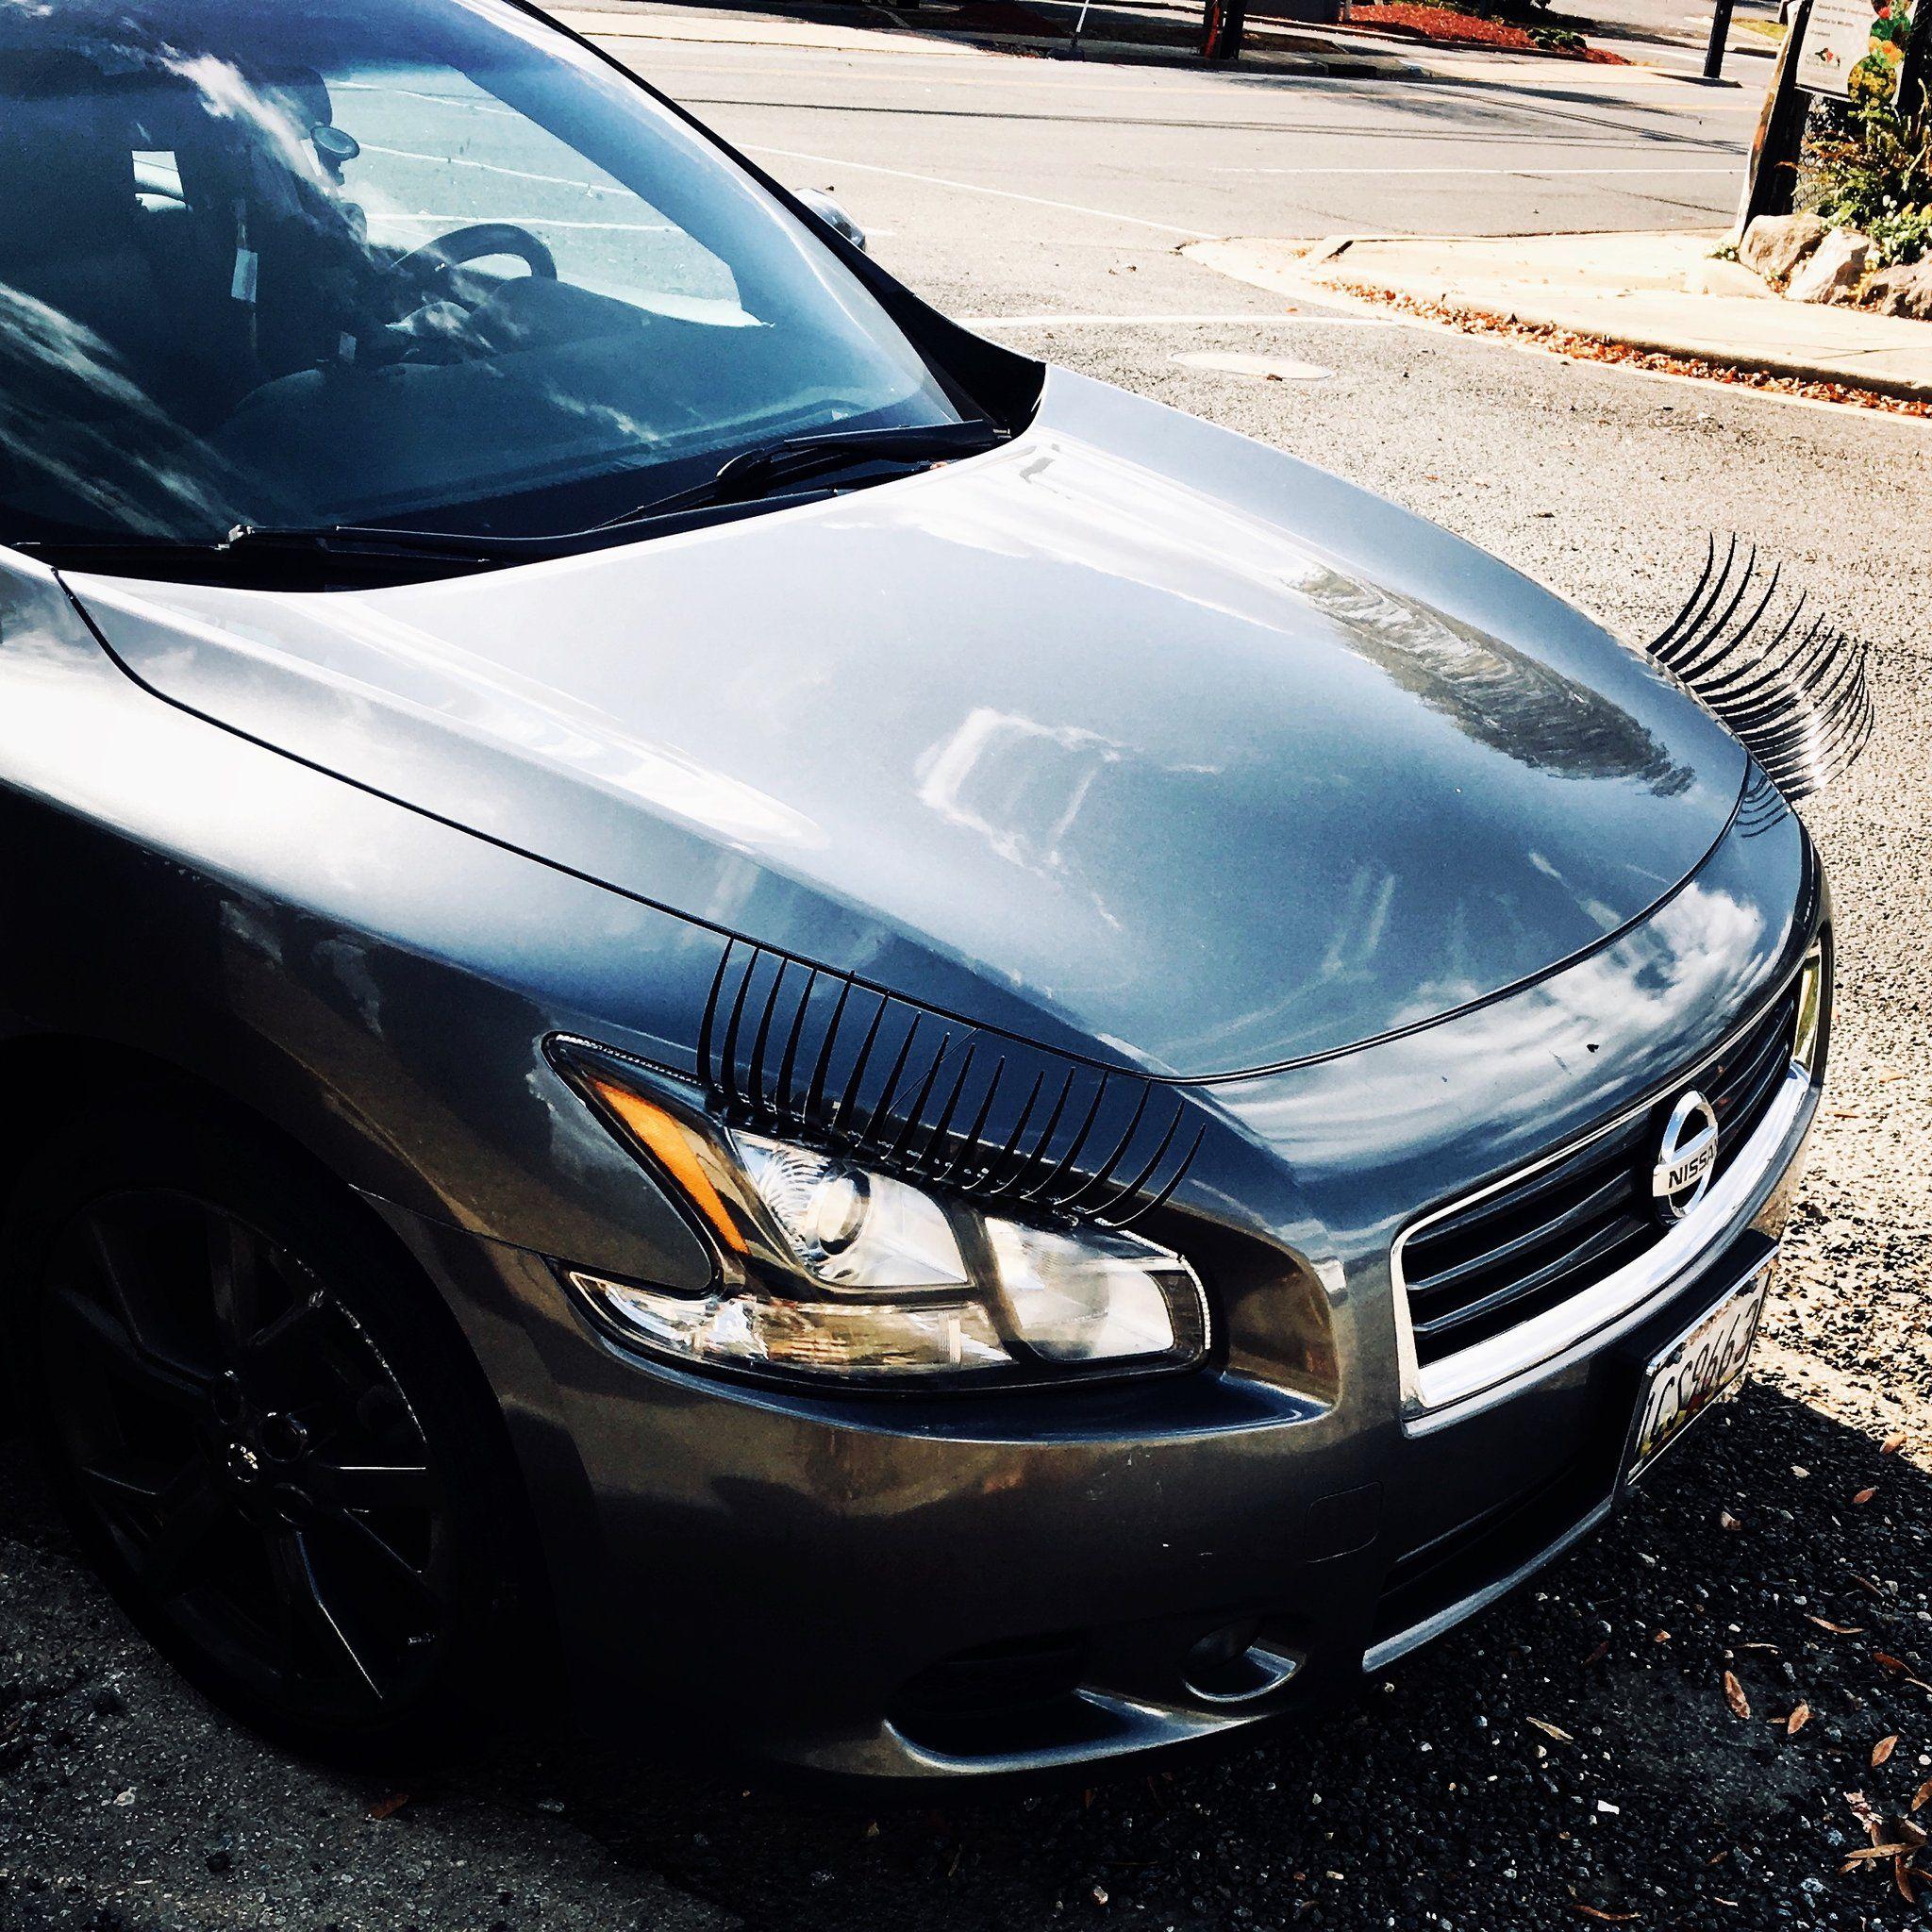 Universal Eyelashes For Your Car Euroimports93 Euroimports93